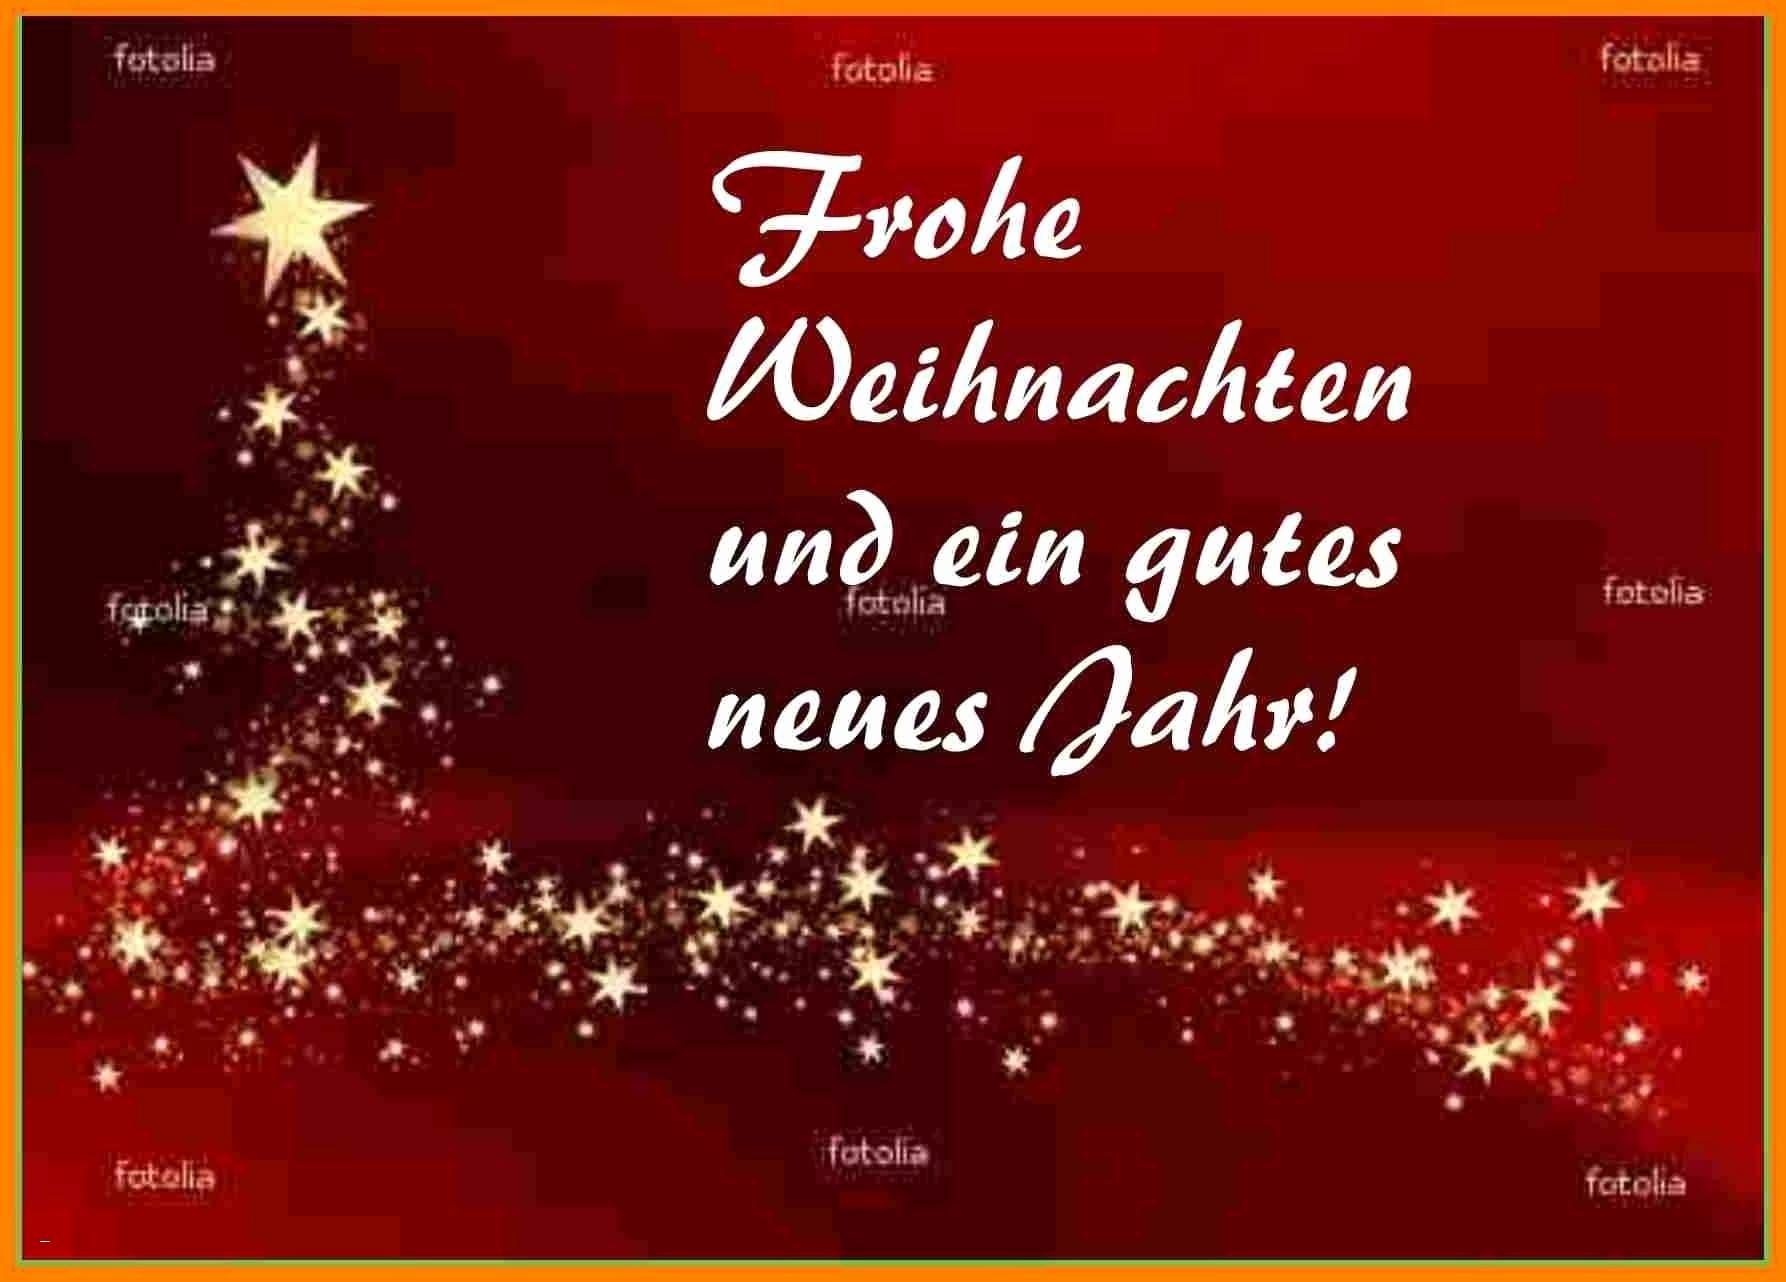 Christliche Weihnachtskarten Kostenlos Best Weihnachtskarten ganzes Christliche Weihnachtskarten Kostenlos